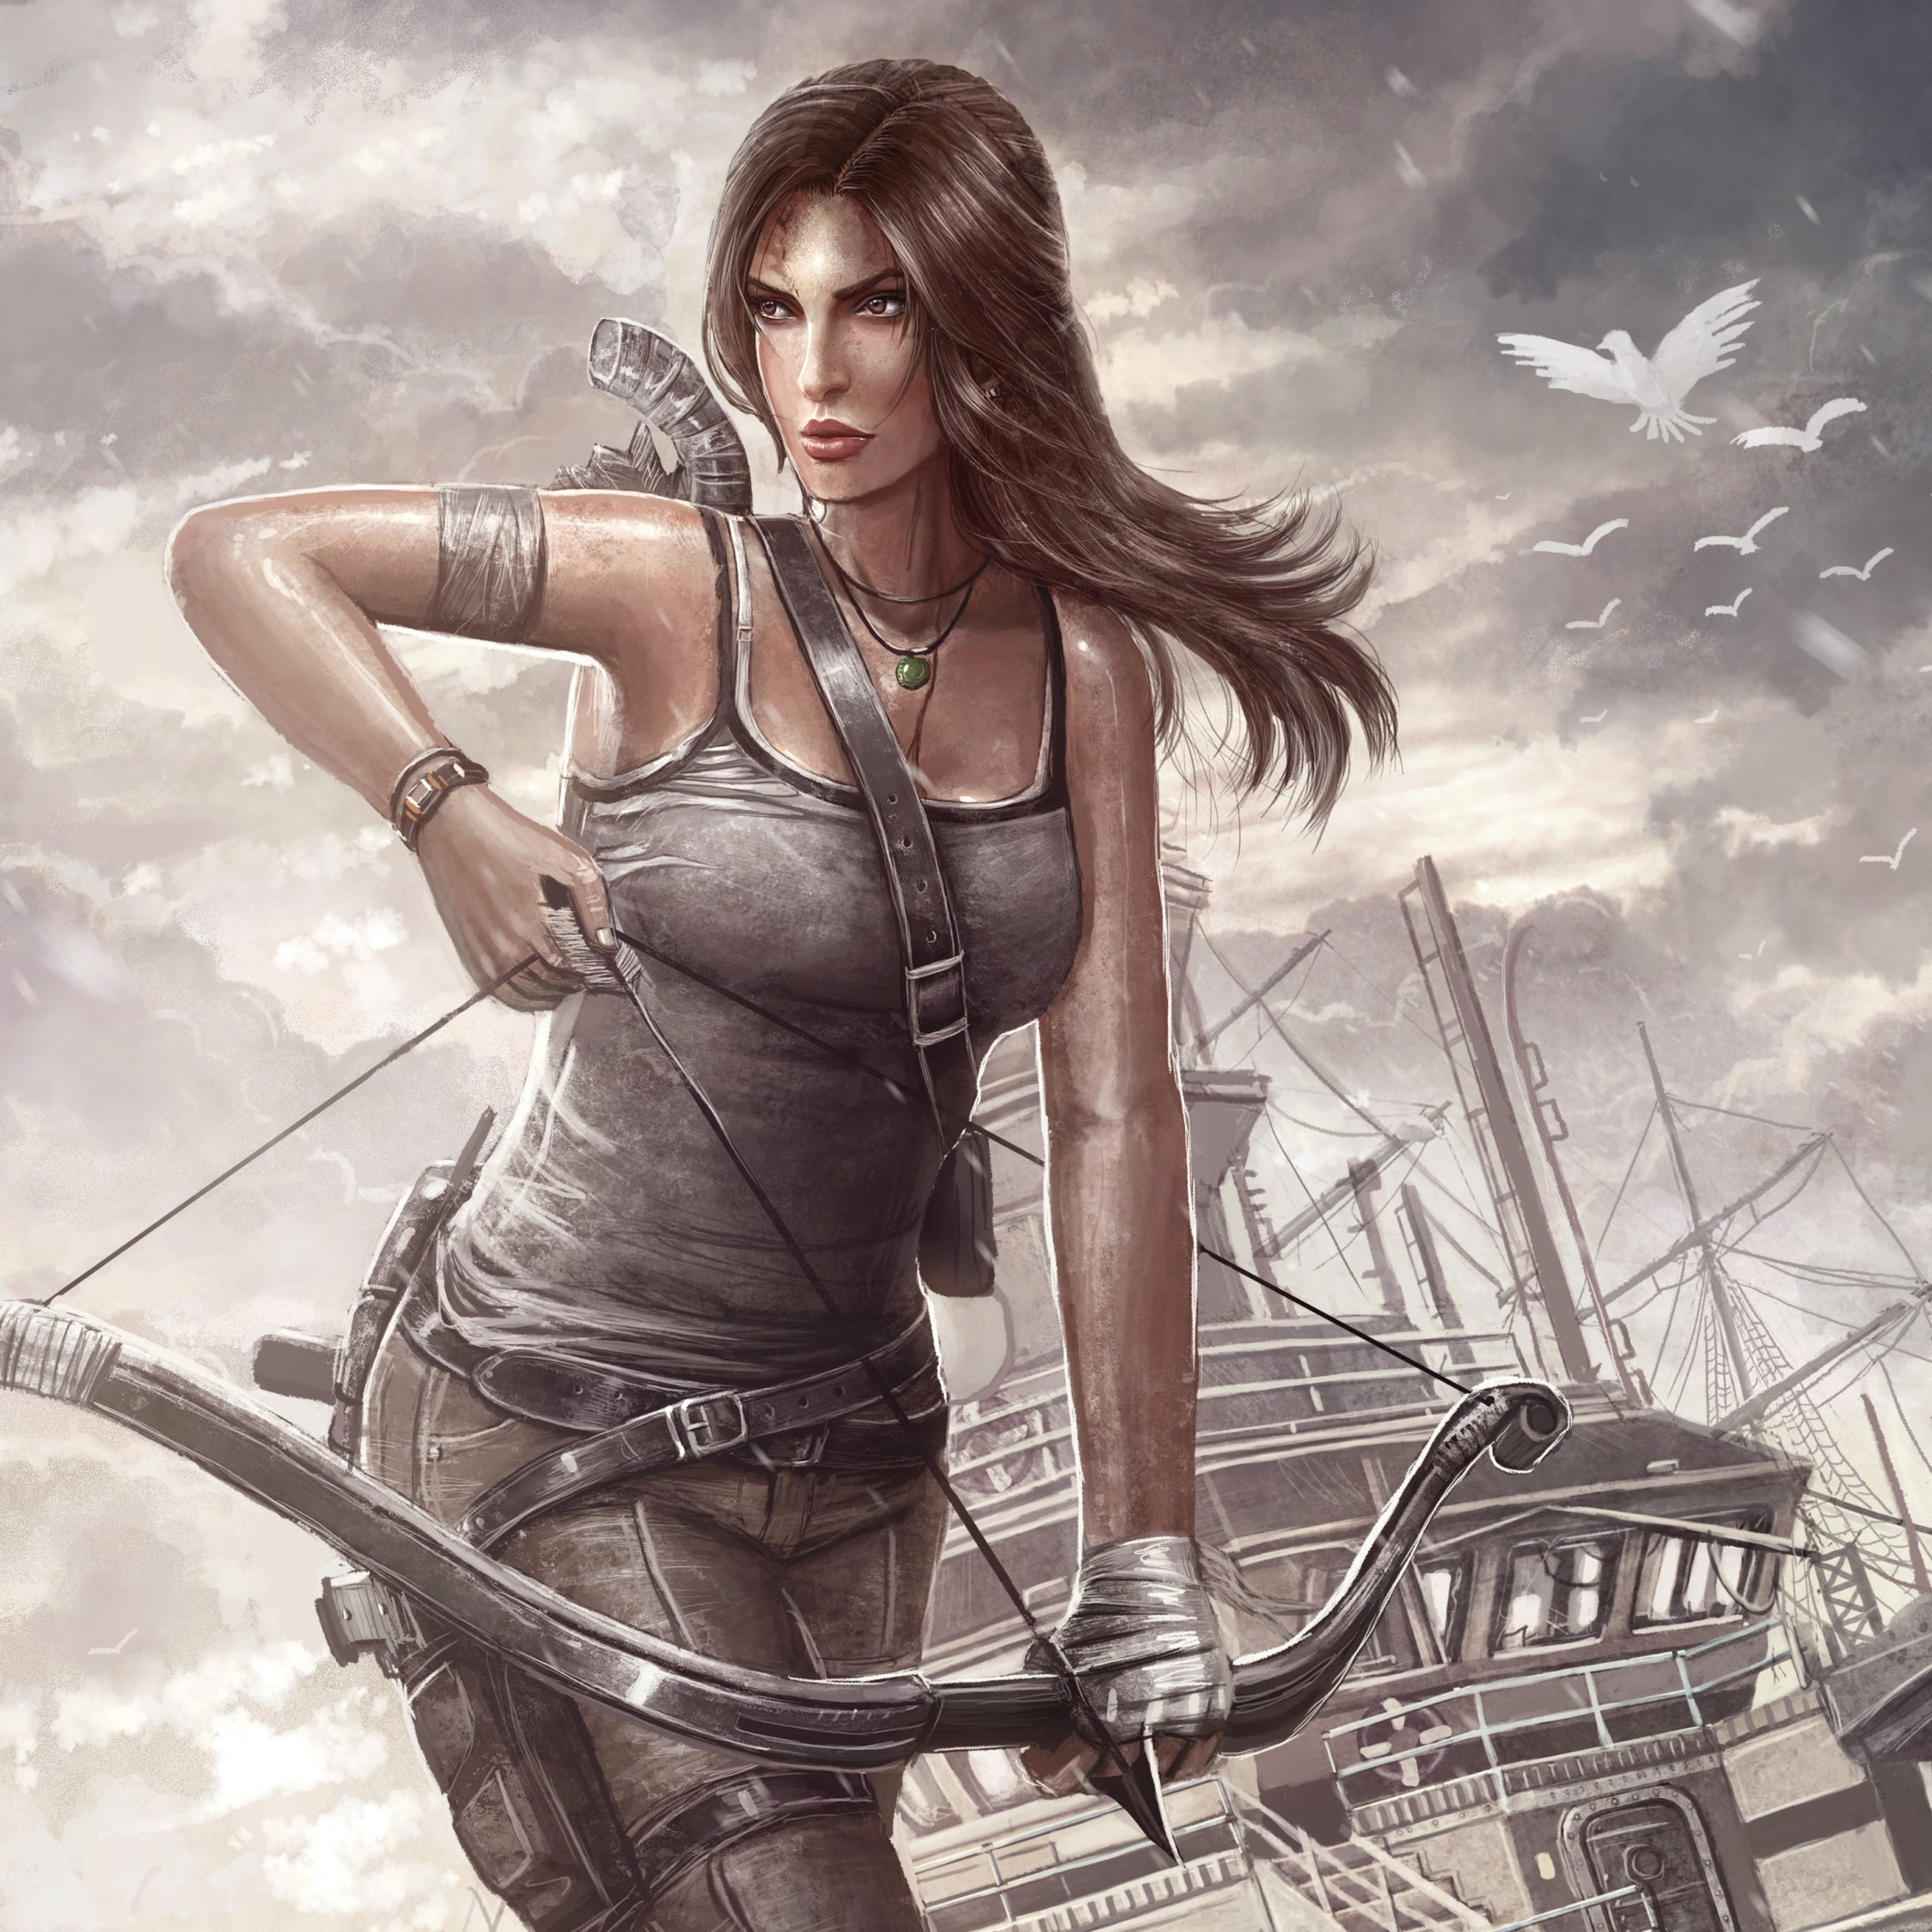 Tomb Rider Wallpaper: Tomb Raider, Lara Croft, Reborn, HD 4K Wallpaper